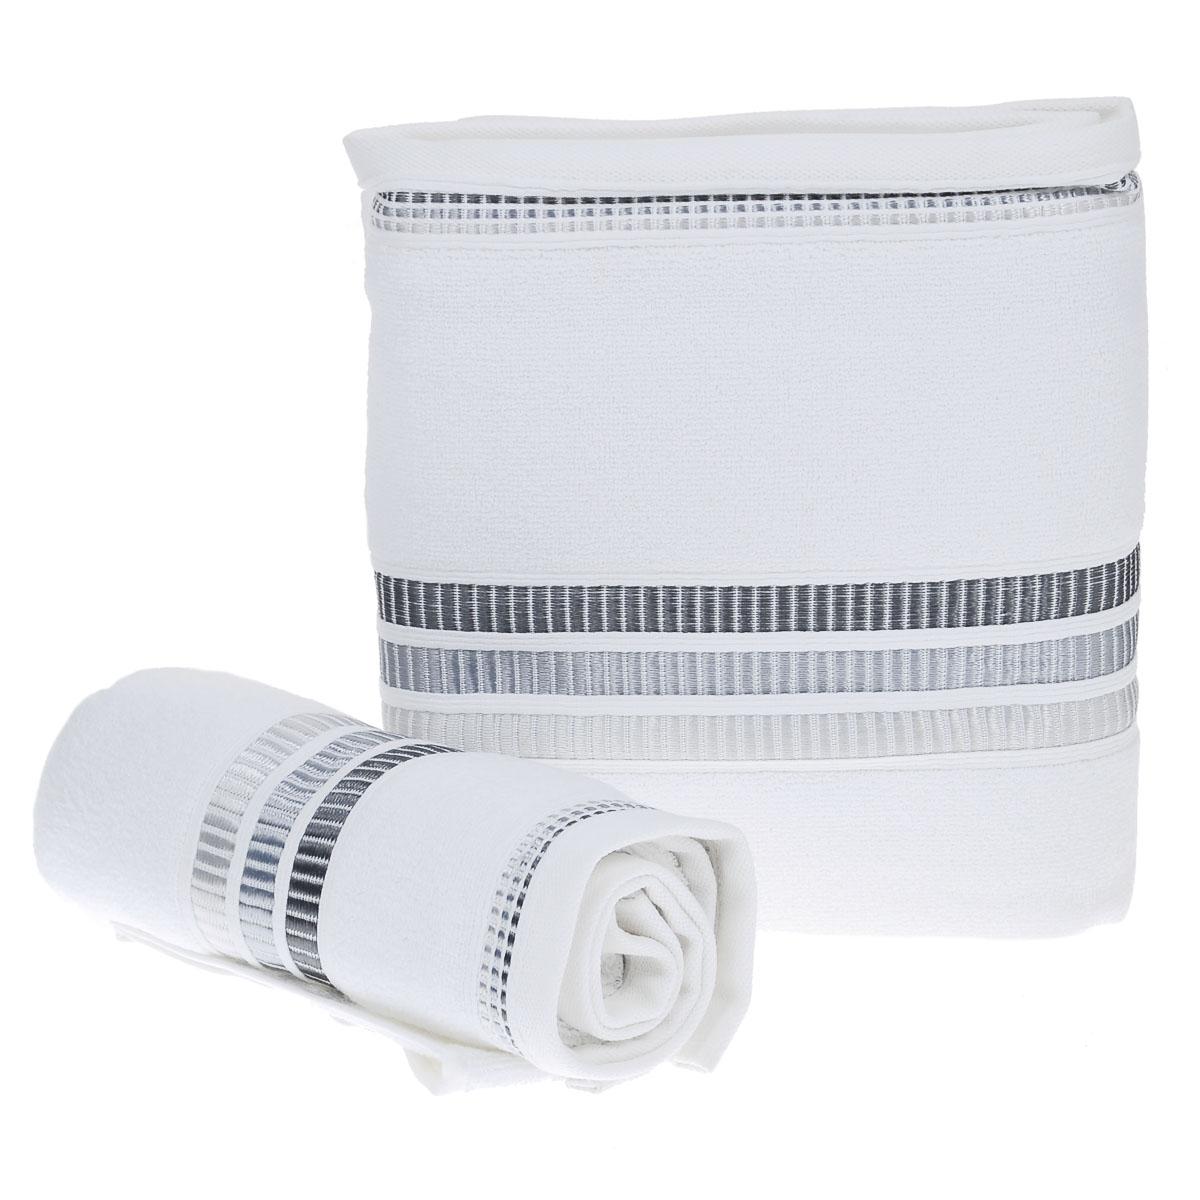 Набор махровых полотенец Coronet Пиано, цвет: белый, 2 шт. Б-МП-2020-15-01-сБ-МП-2020-15-01-сПодарочный набор Coronet Пиано состоит из двух полотенец разного размера, выполненных из натуральной махровой ткани. Полотенца украшены изящным декоративным тиснением. Мягкие и уютные, они прекрасно впитывают влагу и легко стираются. Такой набор подарит вам мягкость и необыкновенный комфорт в использовании. Благодаря высокому качеству изготовления, полотенце будет радовать многие годы. Полотенца упакованы в подарочную коробку и станут приятным и полезным подарком вашим друзьям и близким.